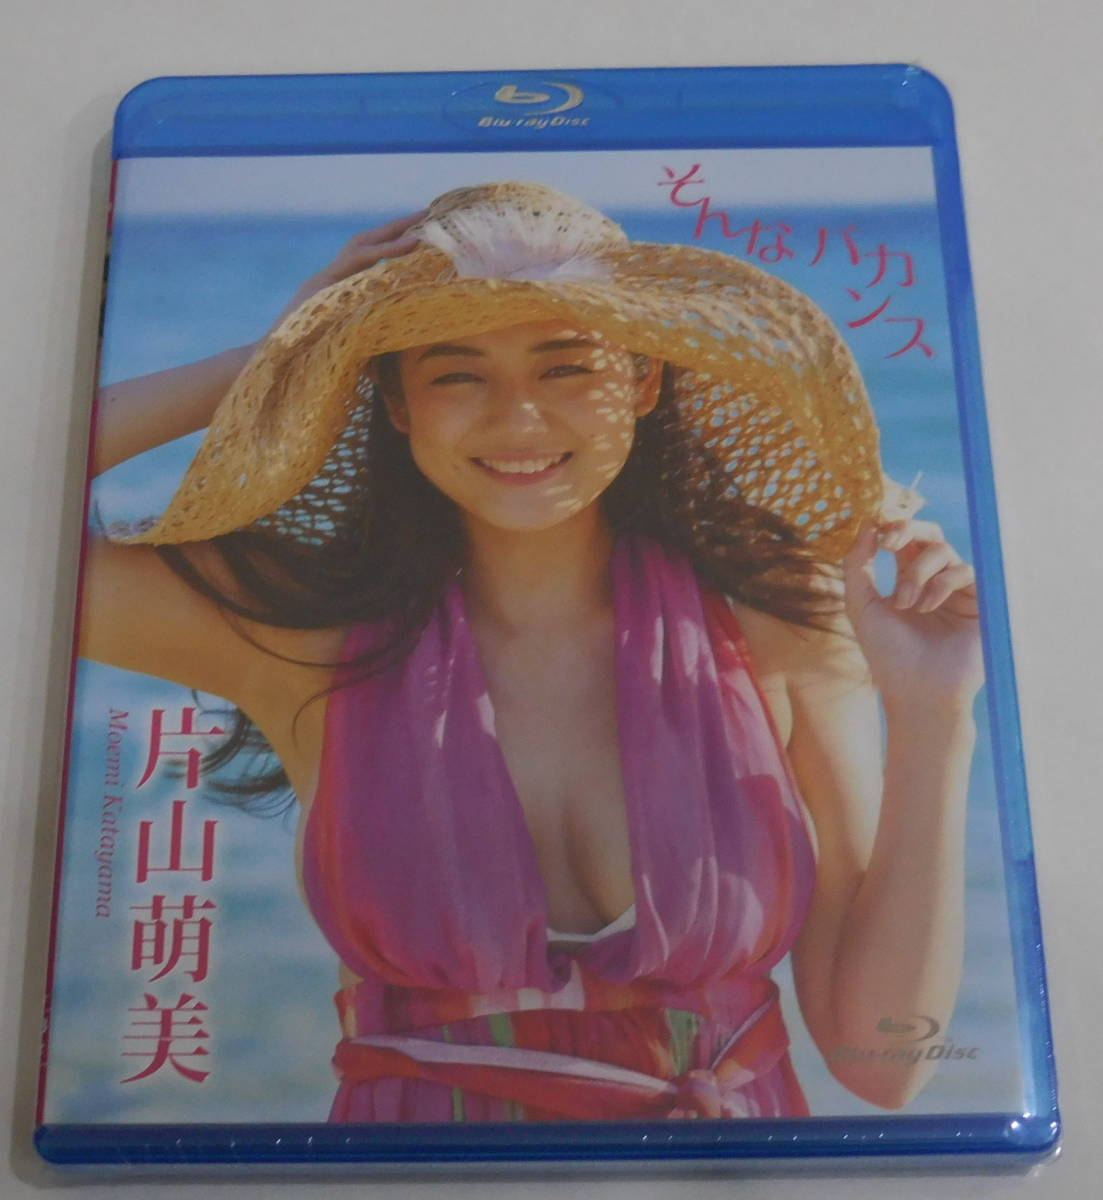 片山萌美『そんなバカンス』ブルーレイ Blu-ray 未開封新品 BD_画像1